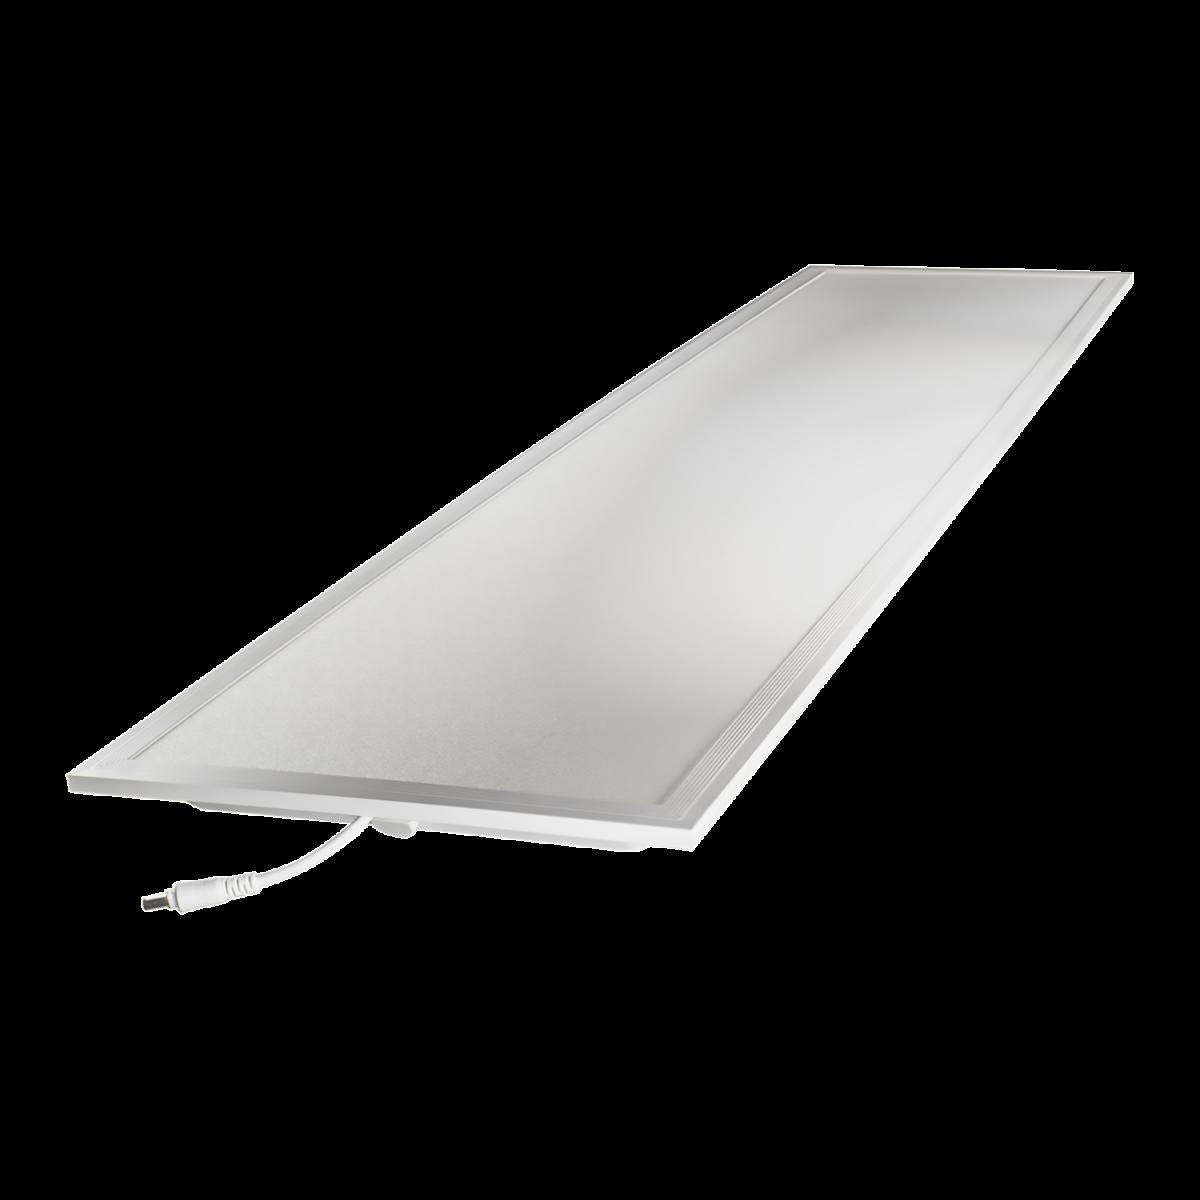 Noxion LED Paneel Delta Pro V2.0 30W 30x120cm 6500K 4110lm UGR <19 | Vervanger voor 2x36W